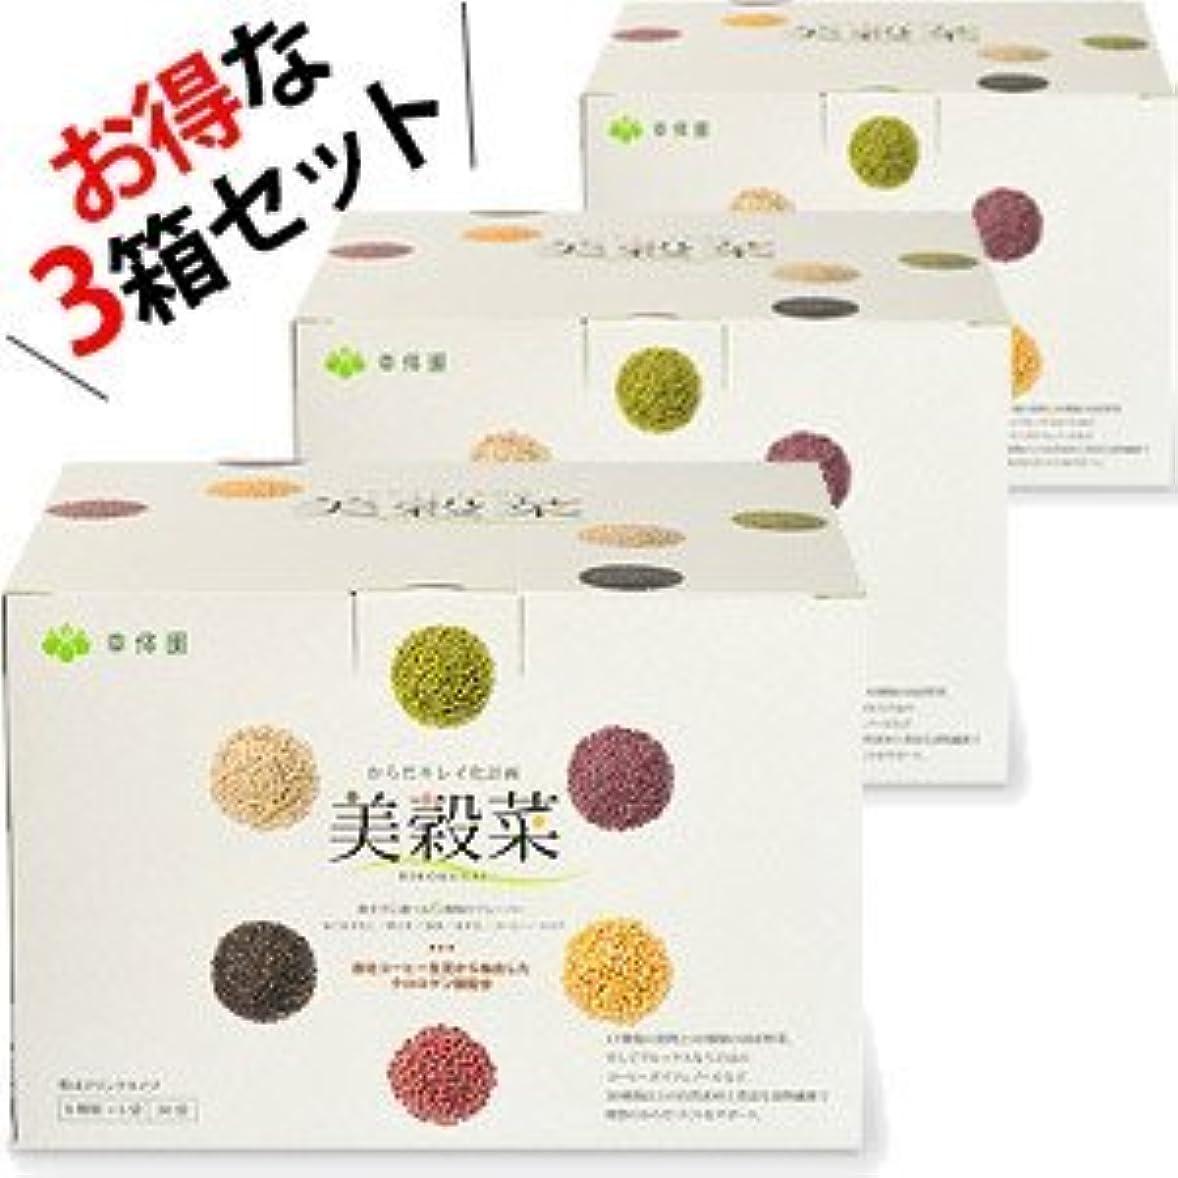 対処適応ルビーブルックス 美穀菜(びこくさい) 3箱セット(シェーカー付き)